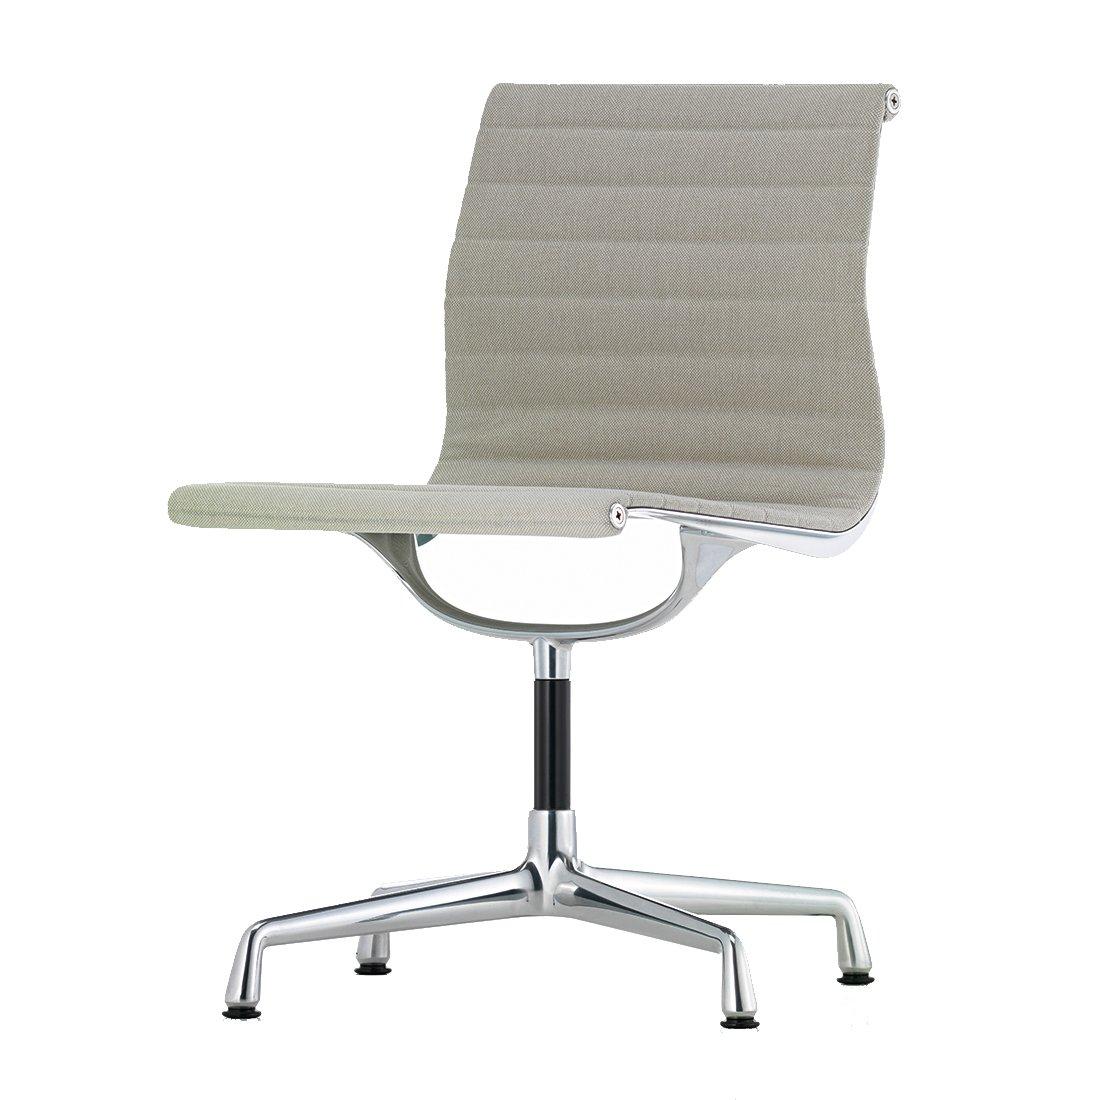 Vitra Aluminium Chair EA 101 - Hopsak Warmgrijs/Ivoor